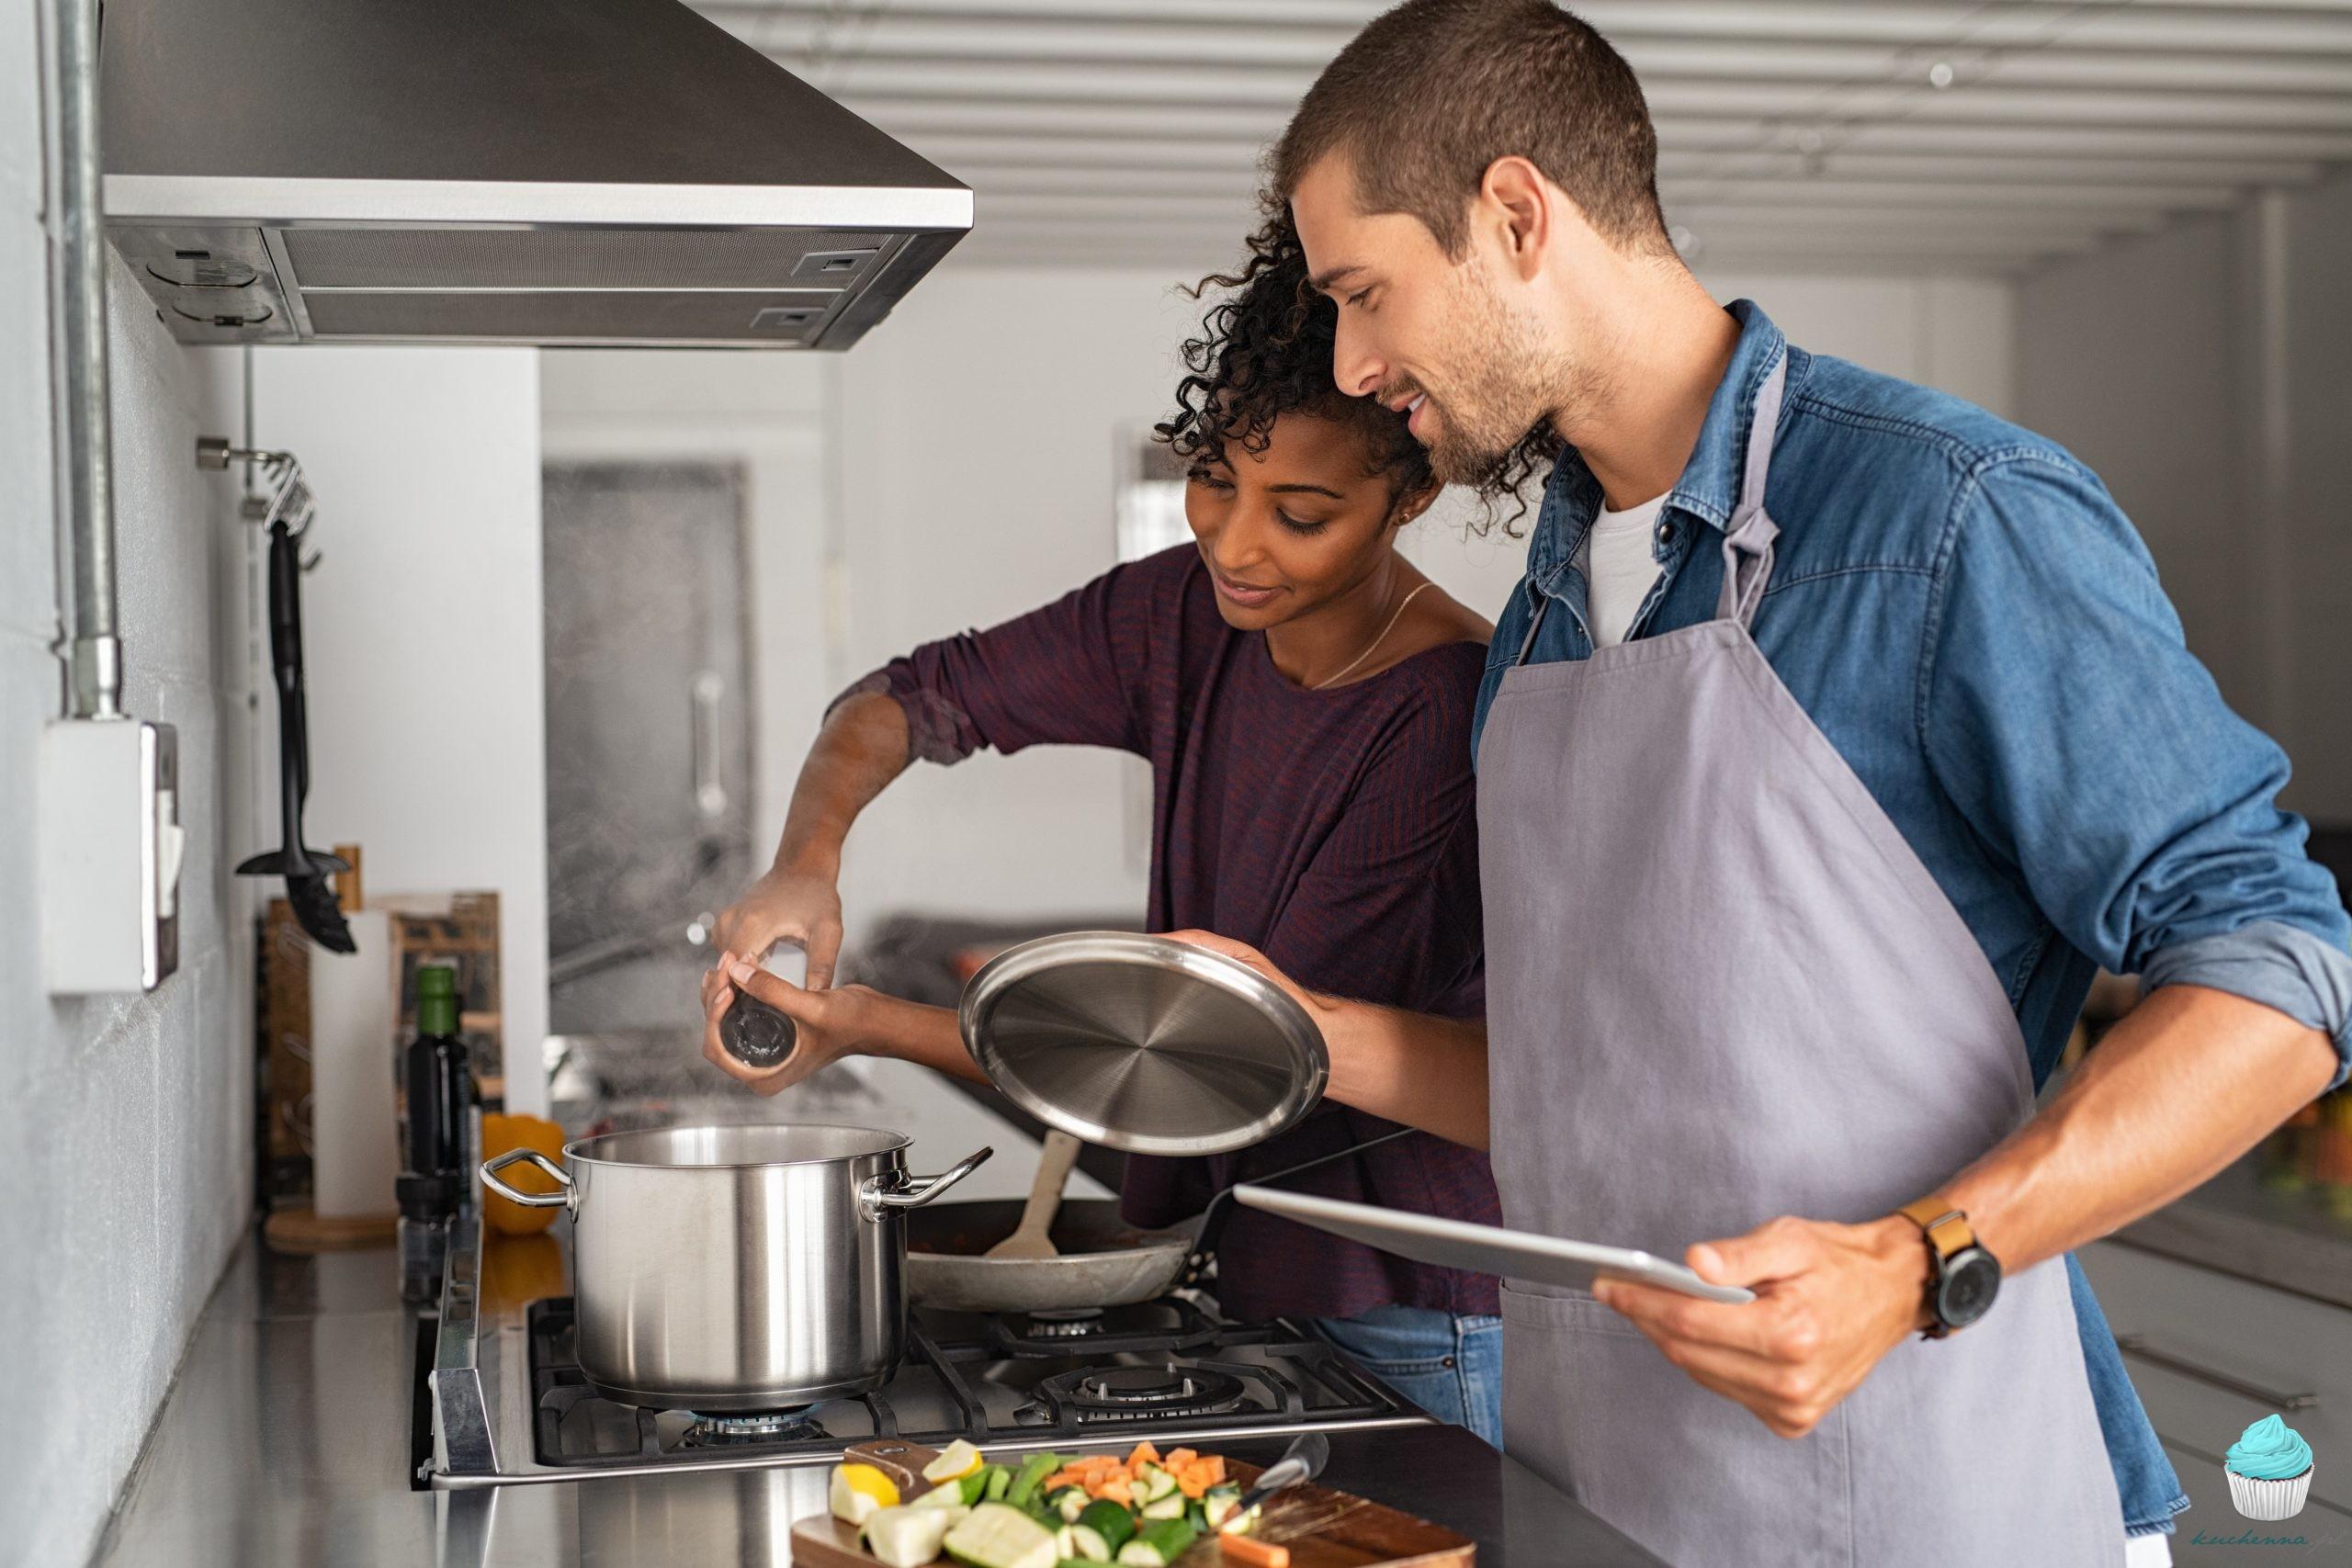 Chcesz gotować zdrowo? Potrzebujesz odpowiednich naczyń